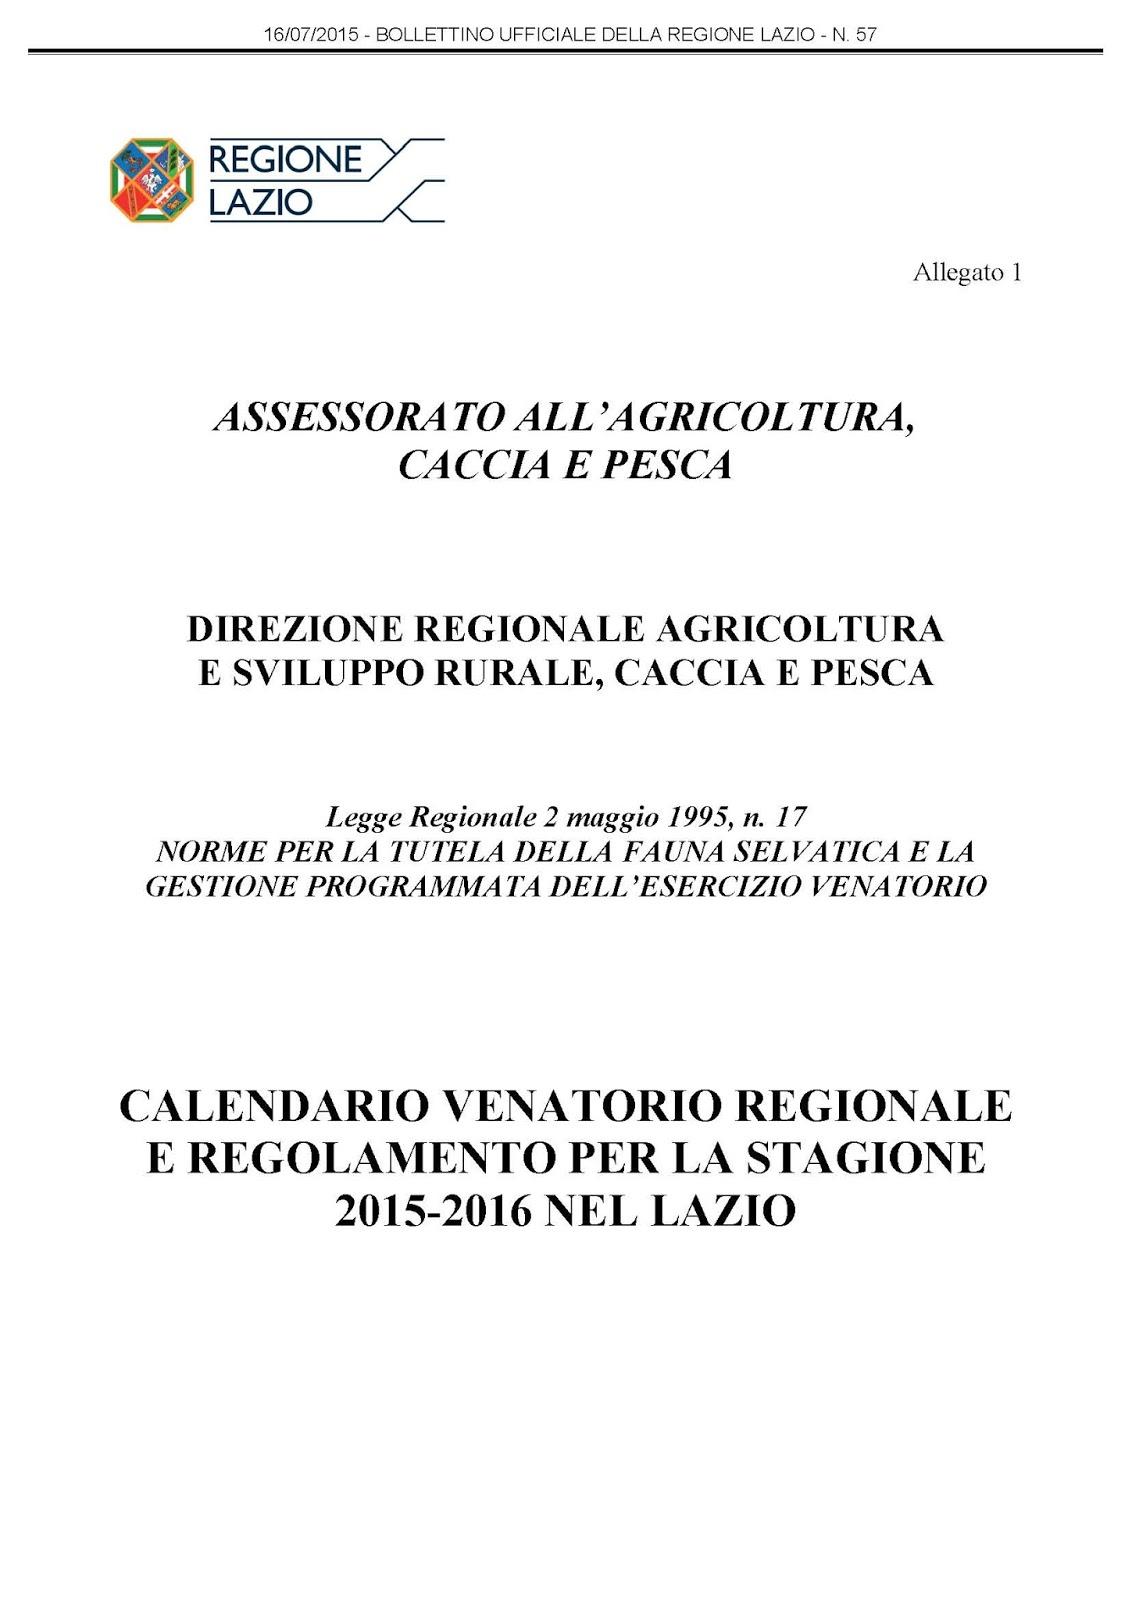 Calendario Venatorio Lazio 2020 2020.Regione Lazio Caccia E Pesca Calendario Venatorio Ikbenalles